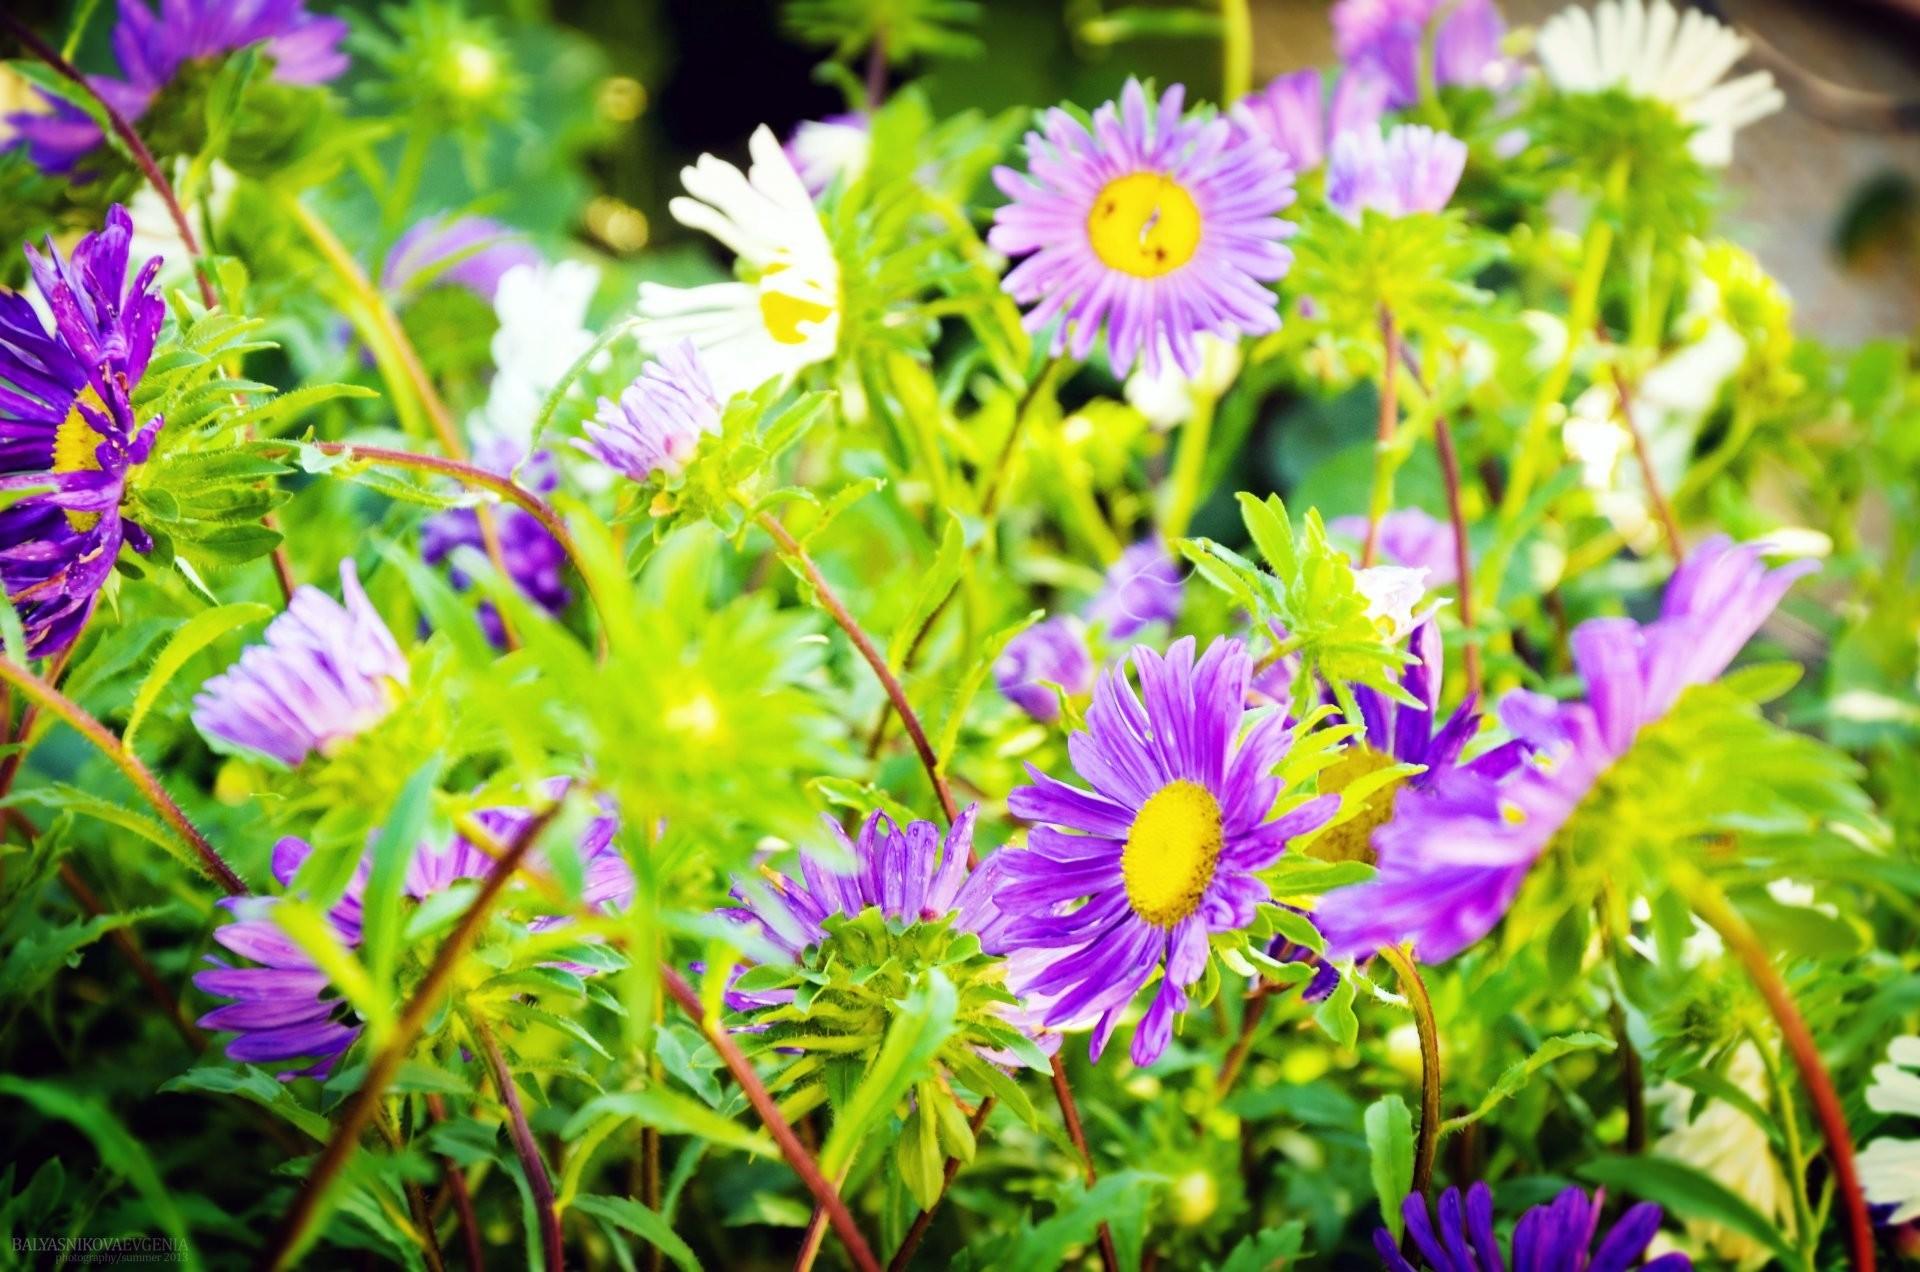 flower beautiful cute summer close up villa nature landscape photo flowers  summer